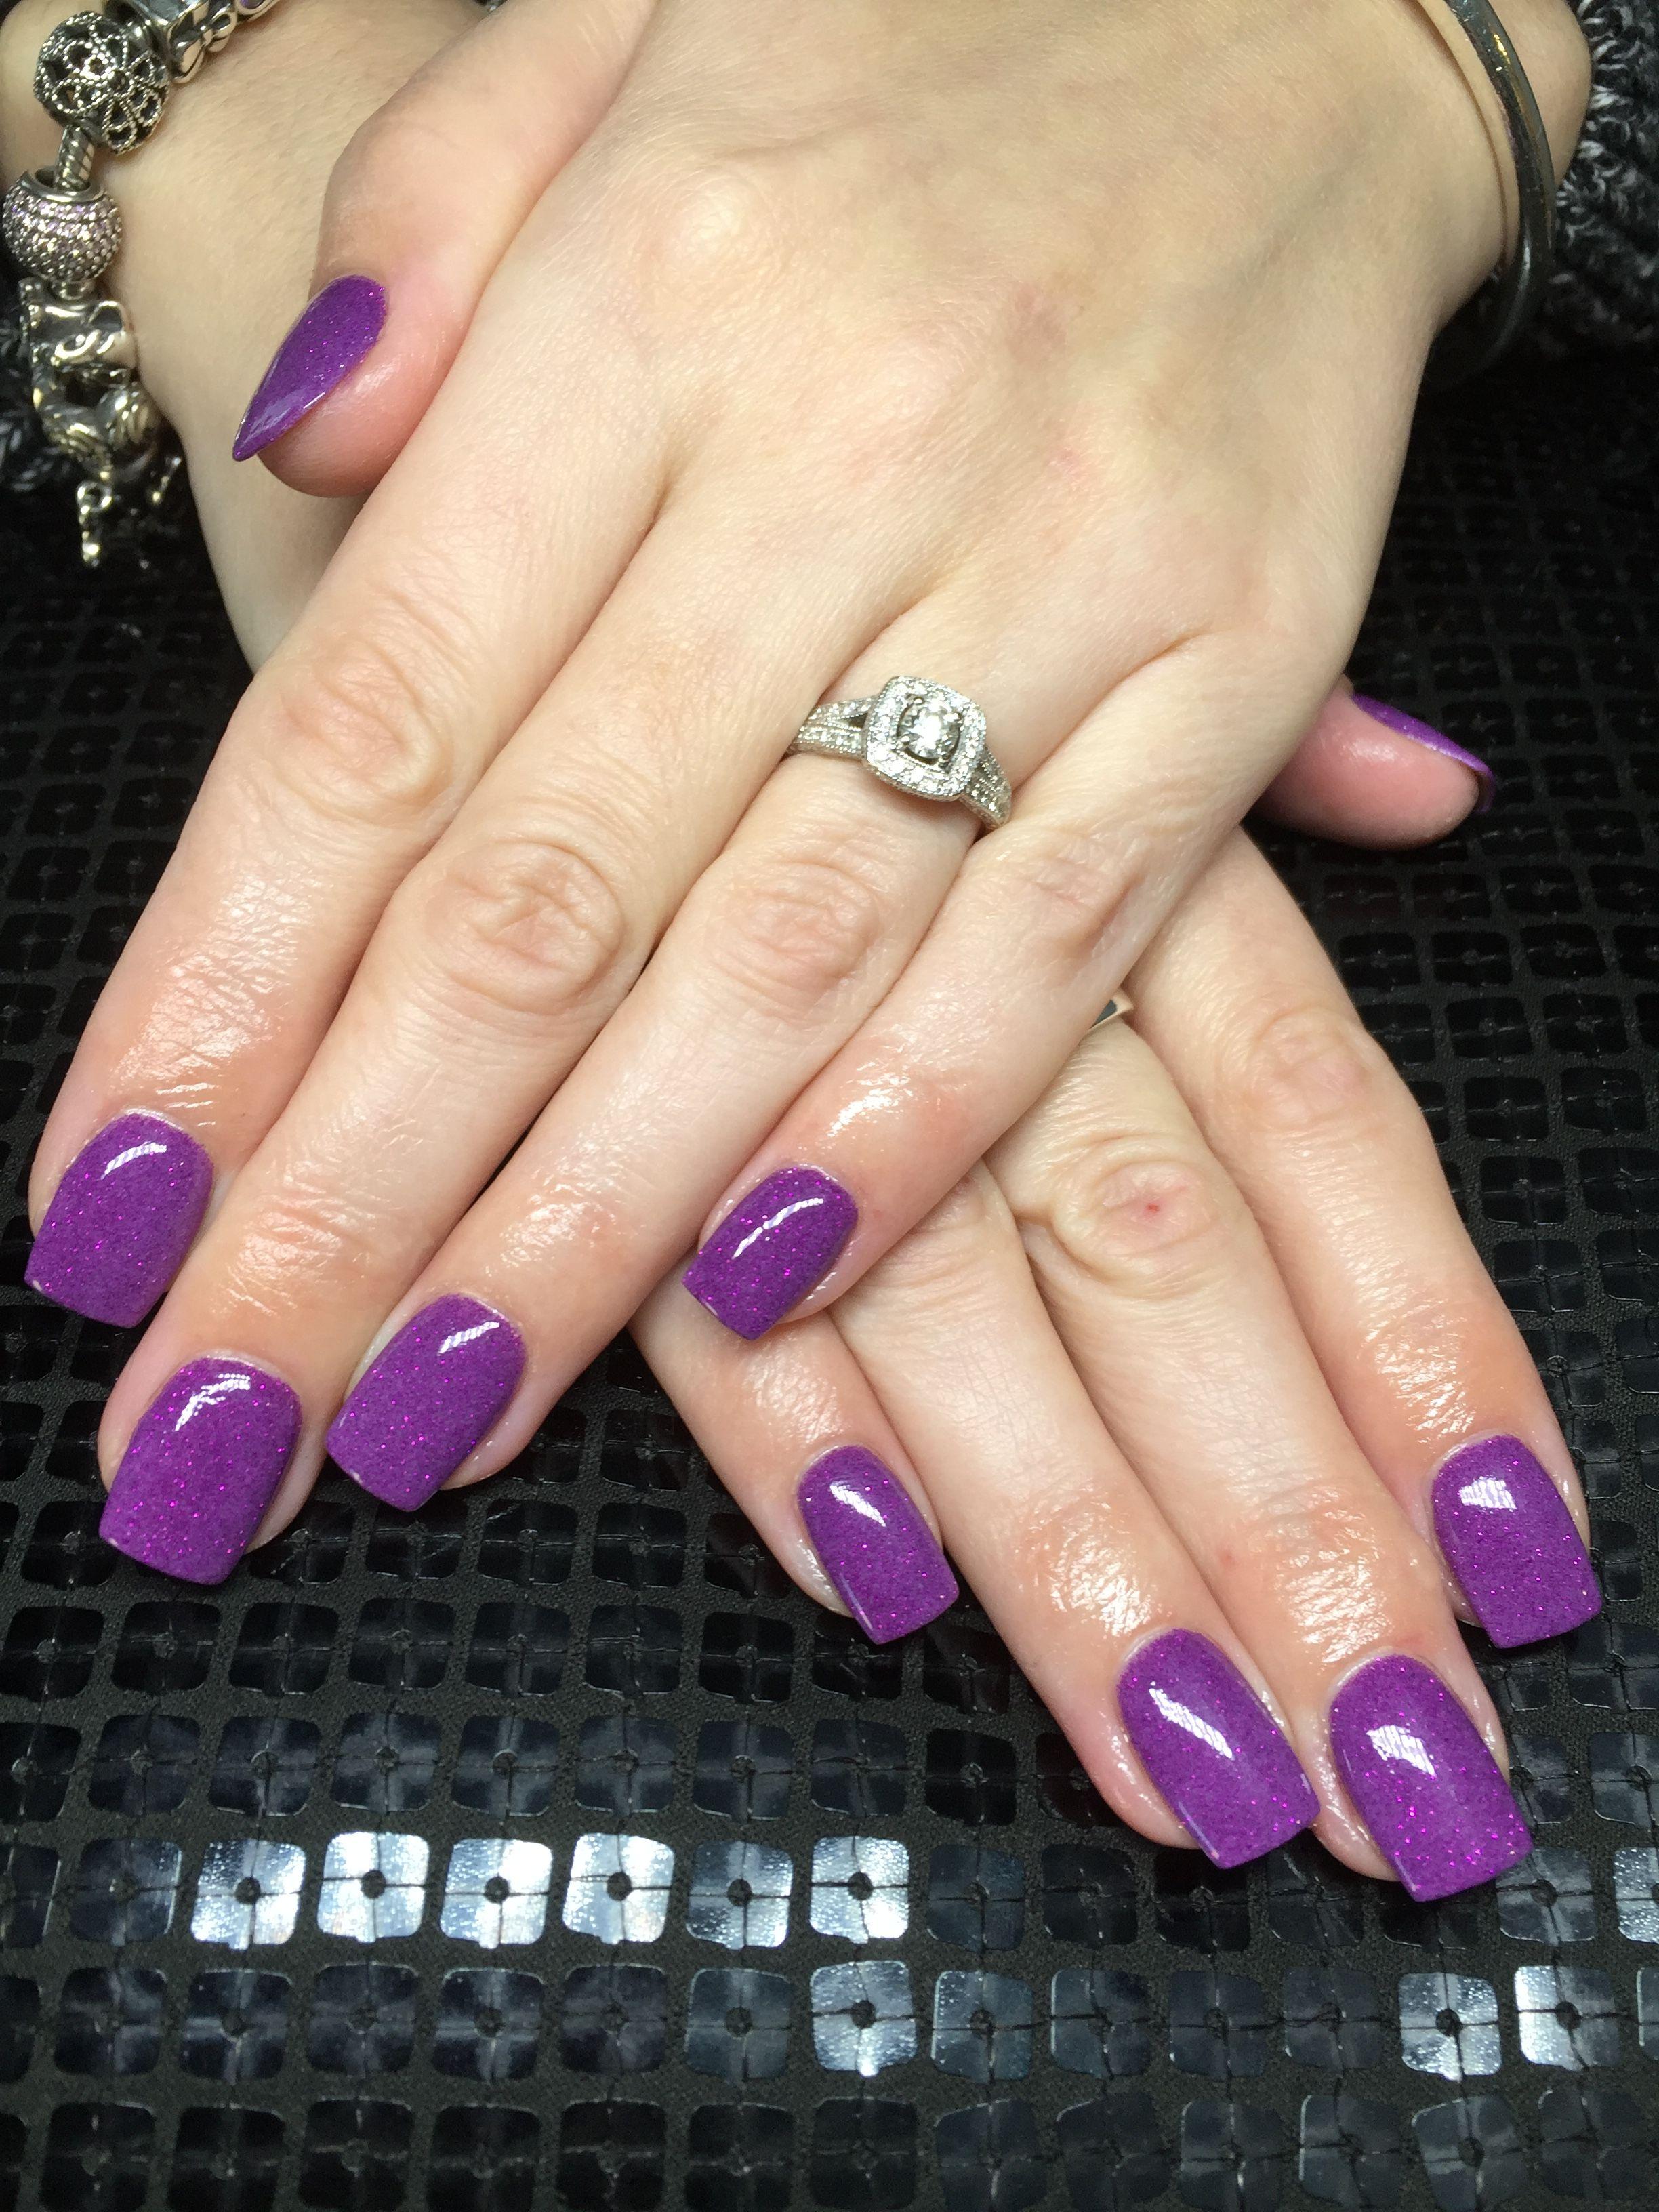 Sns nails purple | SNS Nails | Pinterest